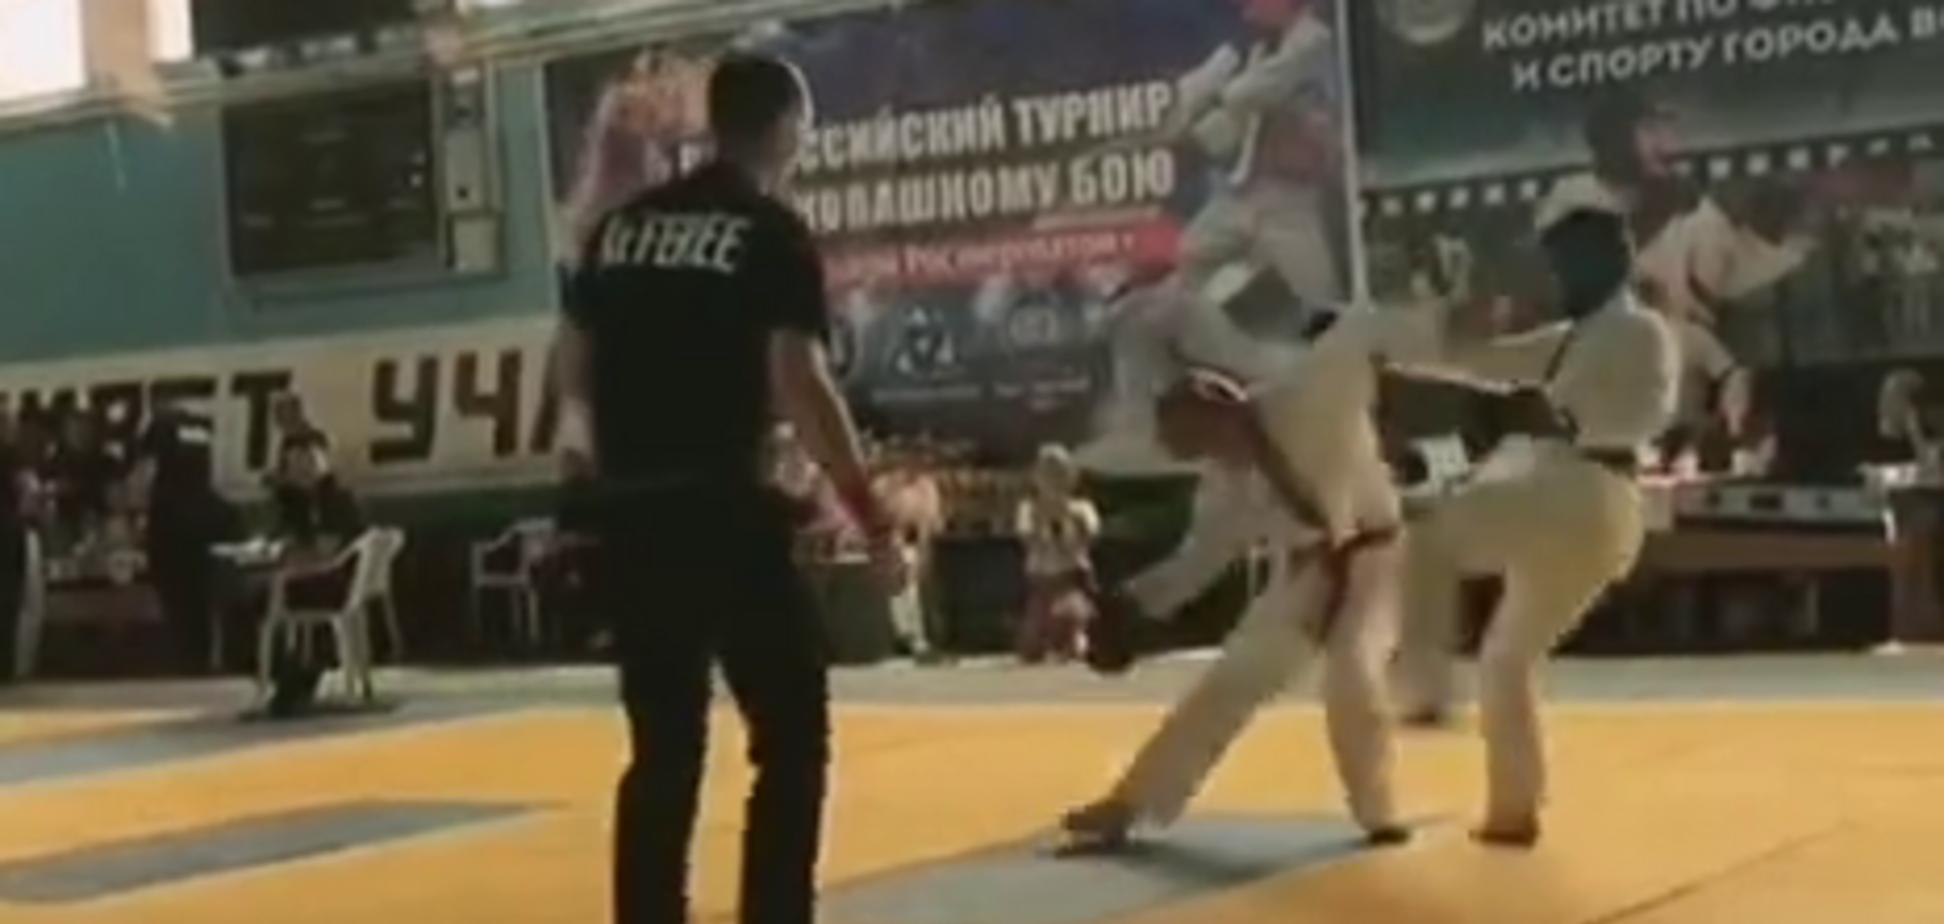 Російського бійця відправили в жорсткий нокаут на 10-й секунді бою